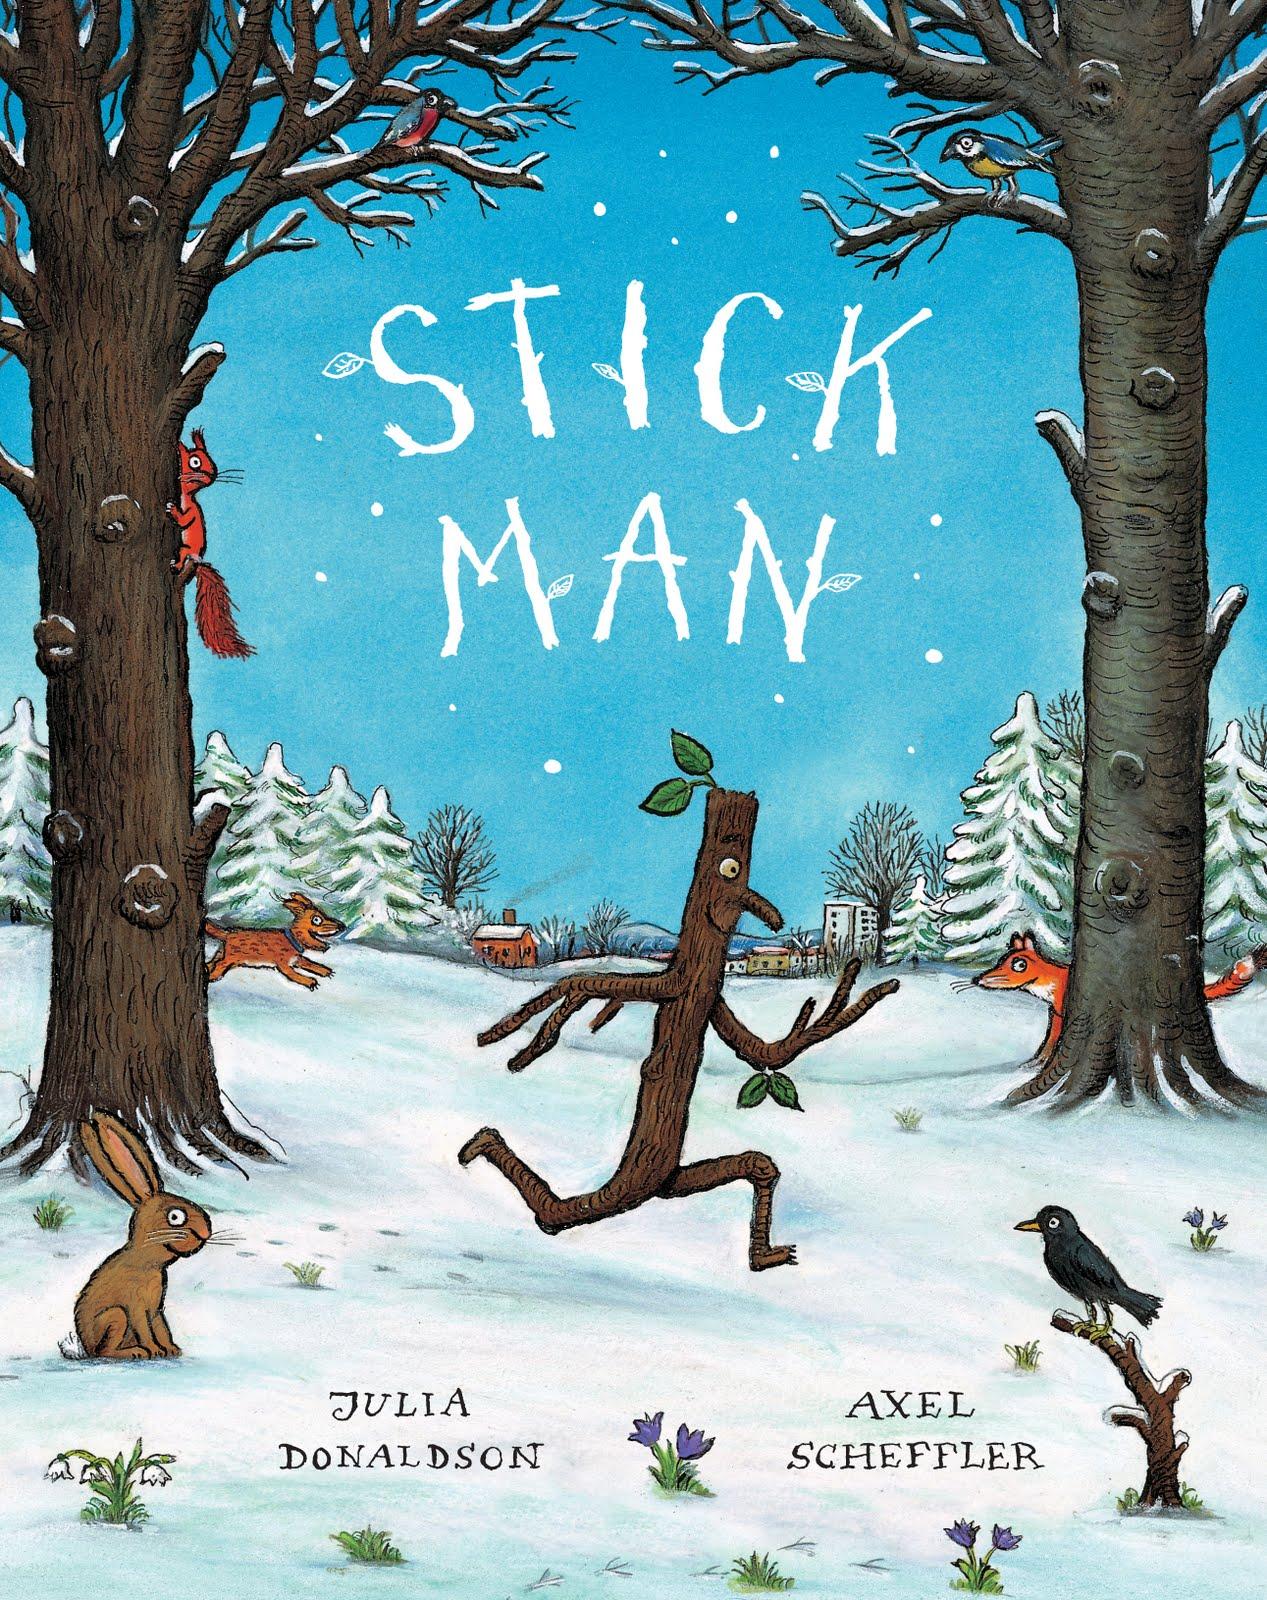 Stick Man by Julia Donaldson - nagyszerű angol gyerekkönyv